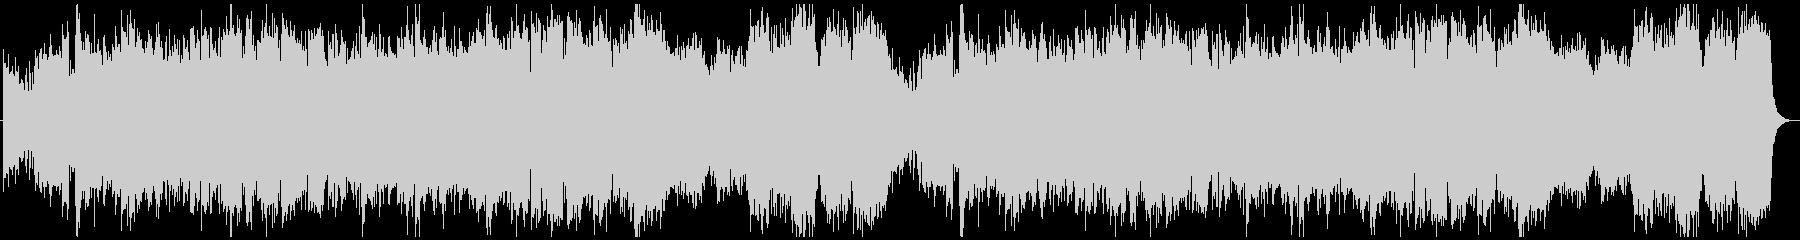 砂漠のエスニック曲の未再生の波形